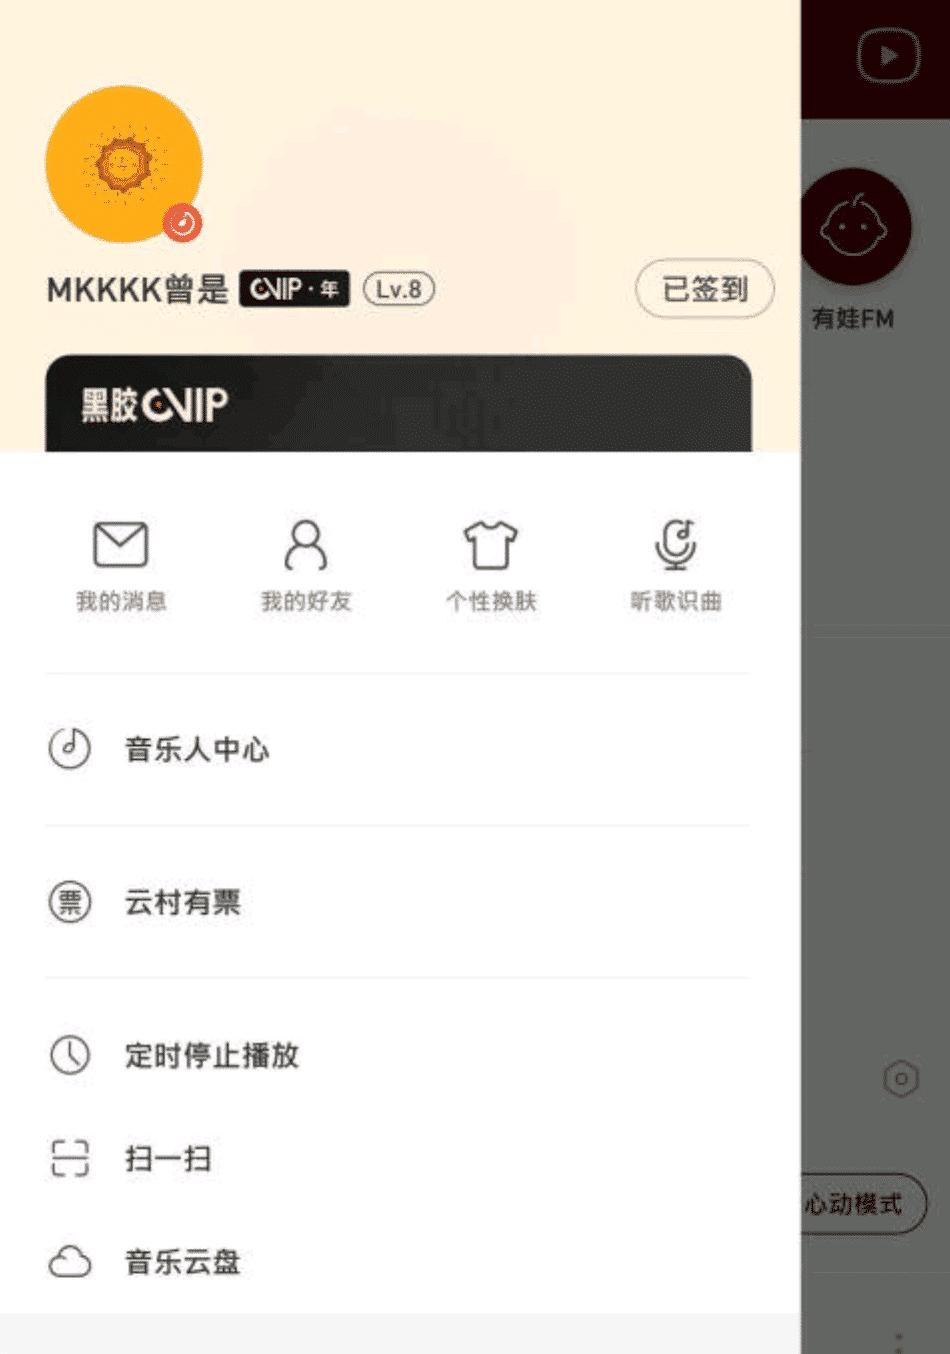 网易云音乐v6.2.0官方先行版破解